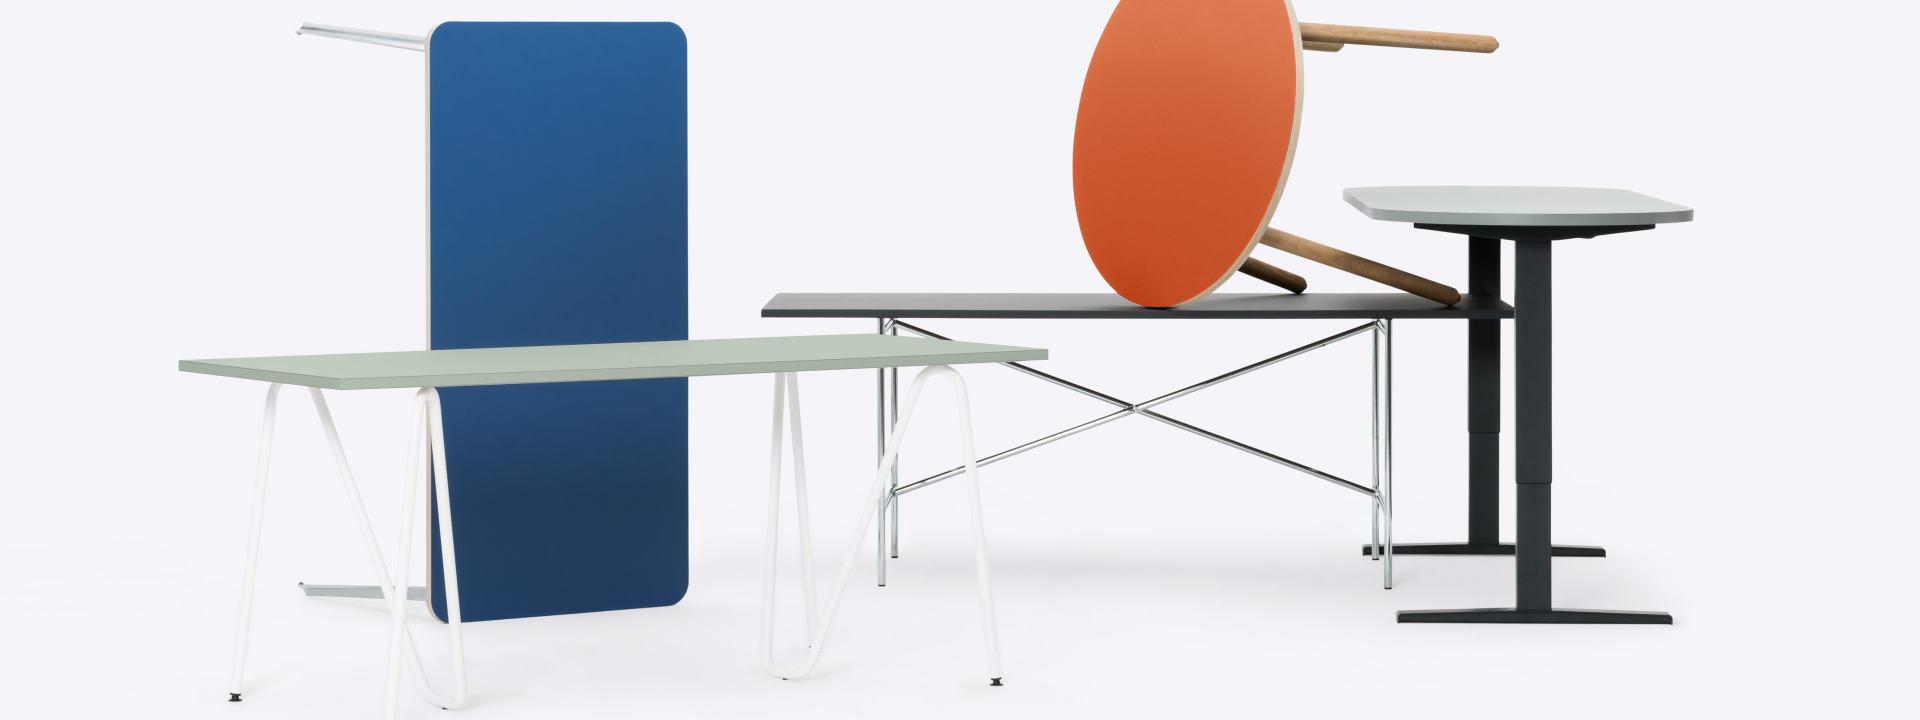 Startseite, Tischplatten, Tische & Gestelle, Regalsystem, Sitzsysteme, Office, Zubehör